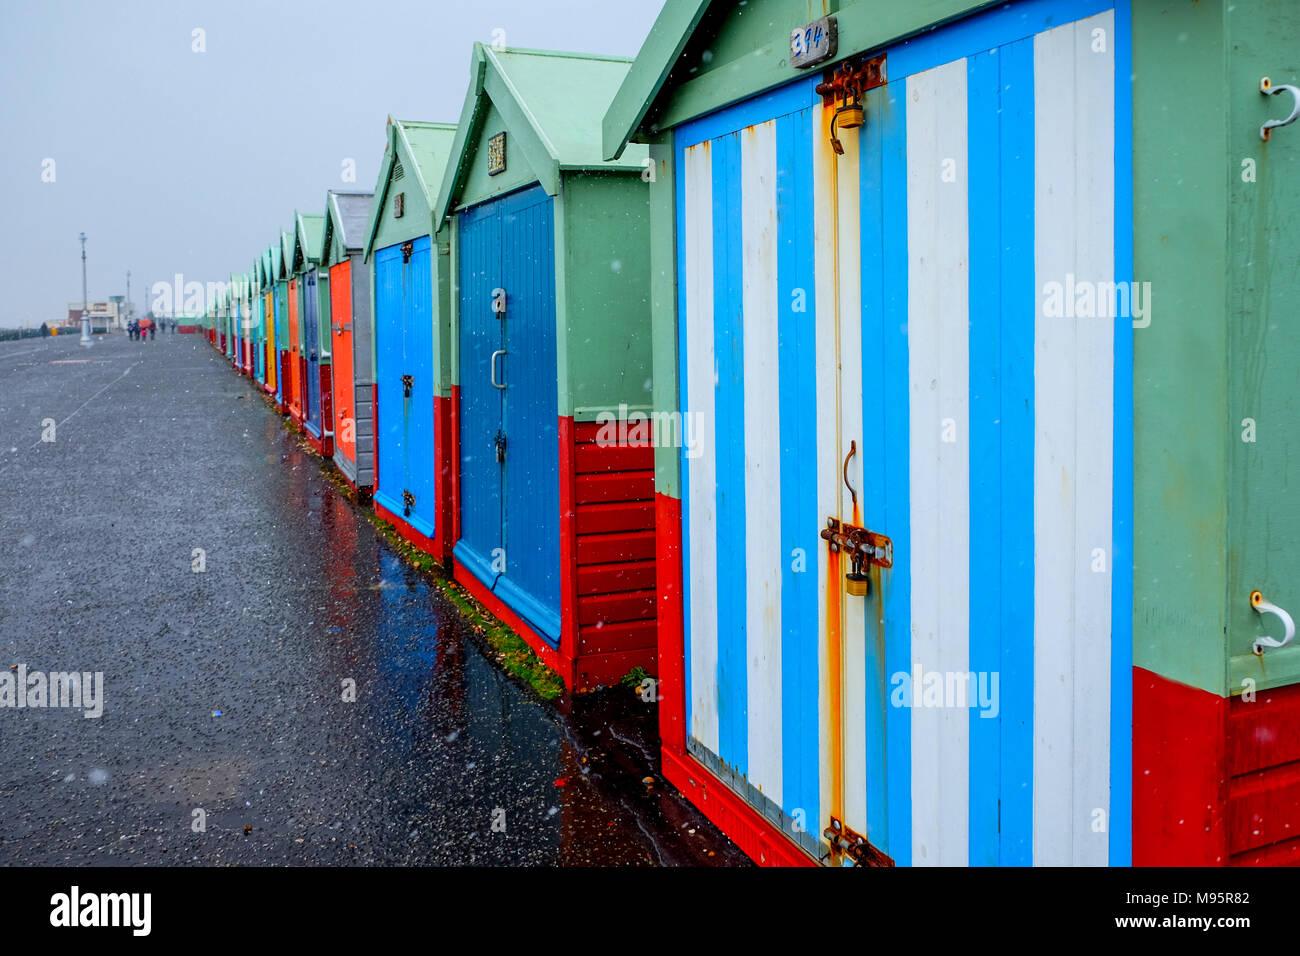 Brighton Seafront vierzig Badekabinen, die Hütten haben mehrfarbige Türen in einer geraden Linie auf eine konkrete Promenade der Himmel grau ist der nächstgelegene Strand h Stockbild